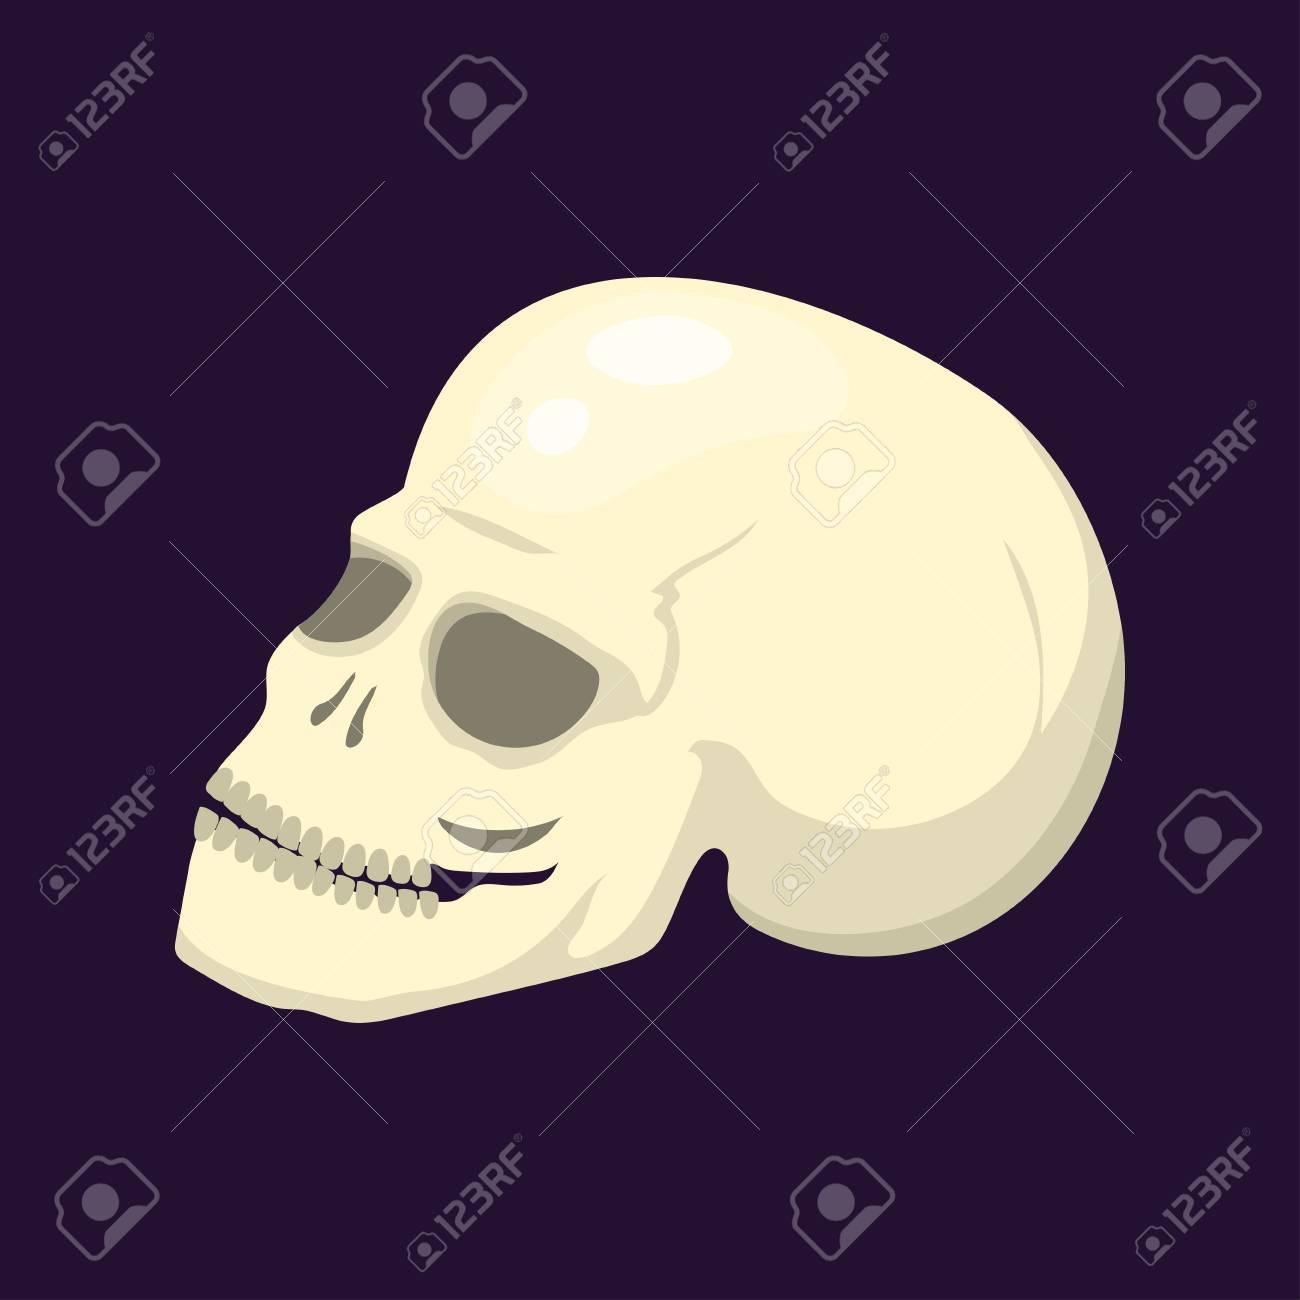 Style Skull Face Halloween Horror Style Tattoo Anatomy Art Cartoon ...